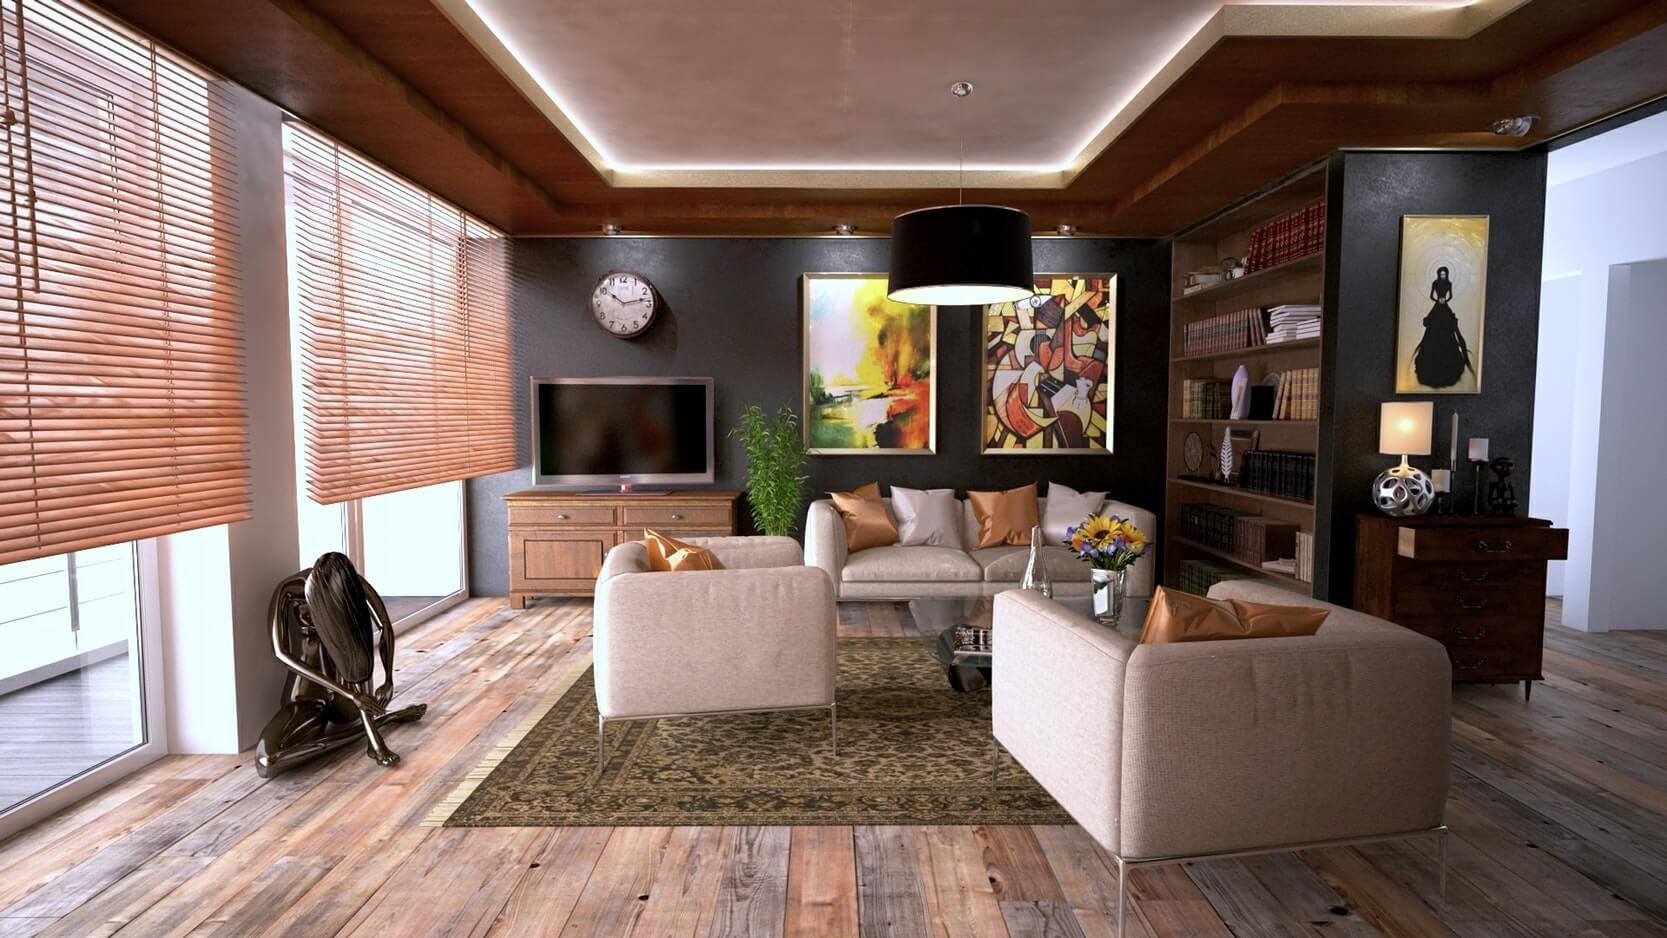 5 Cara Renovasi Ruang Tamu Tanpa Banyak Biaya